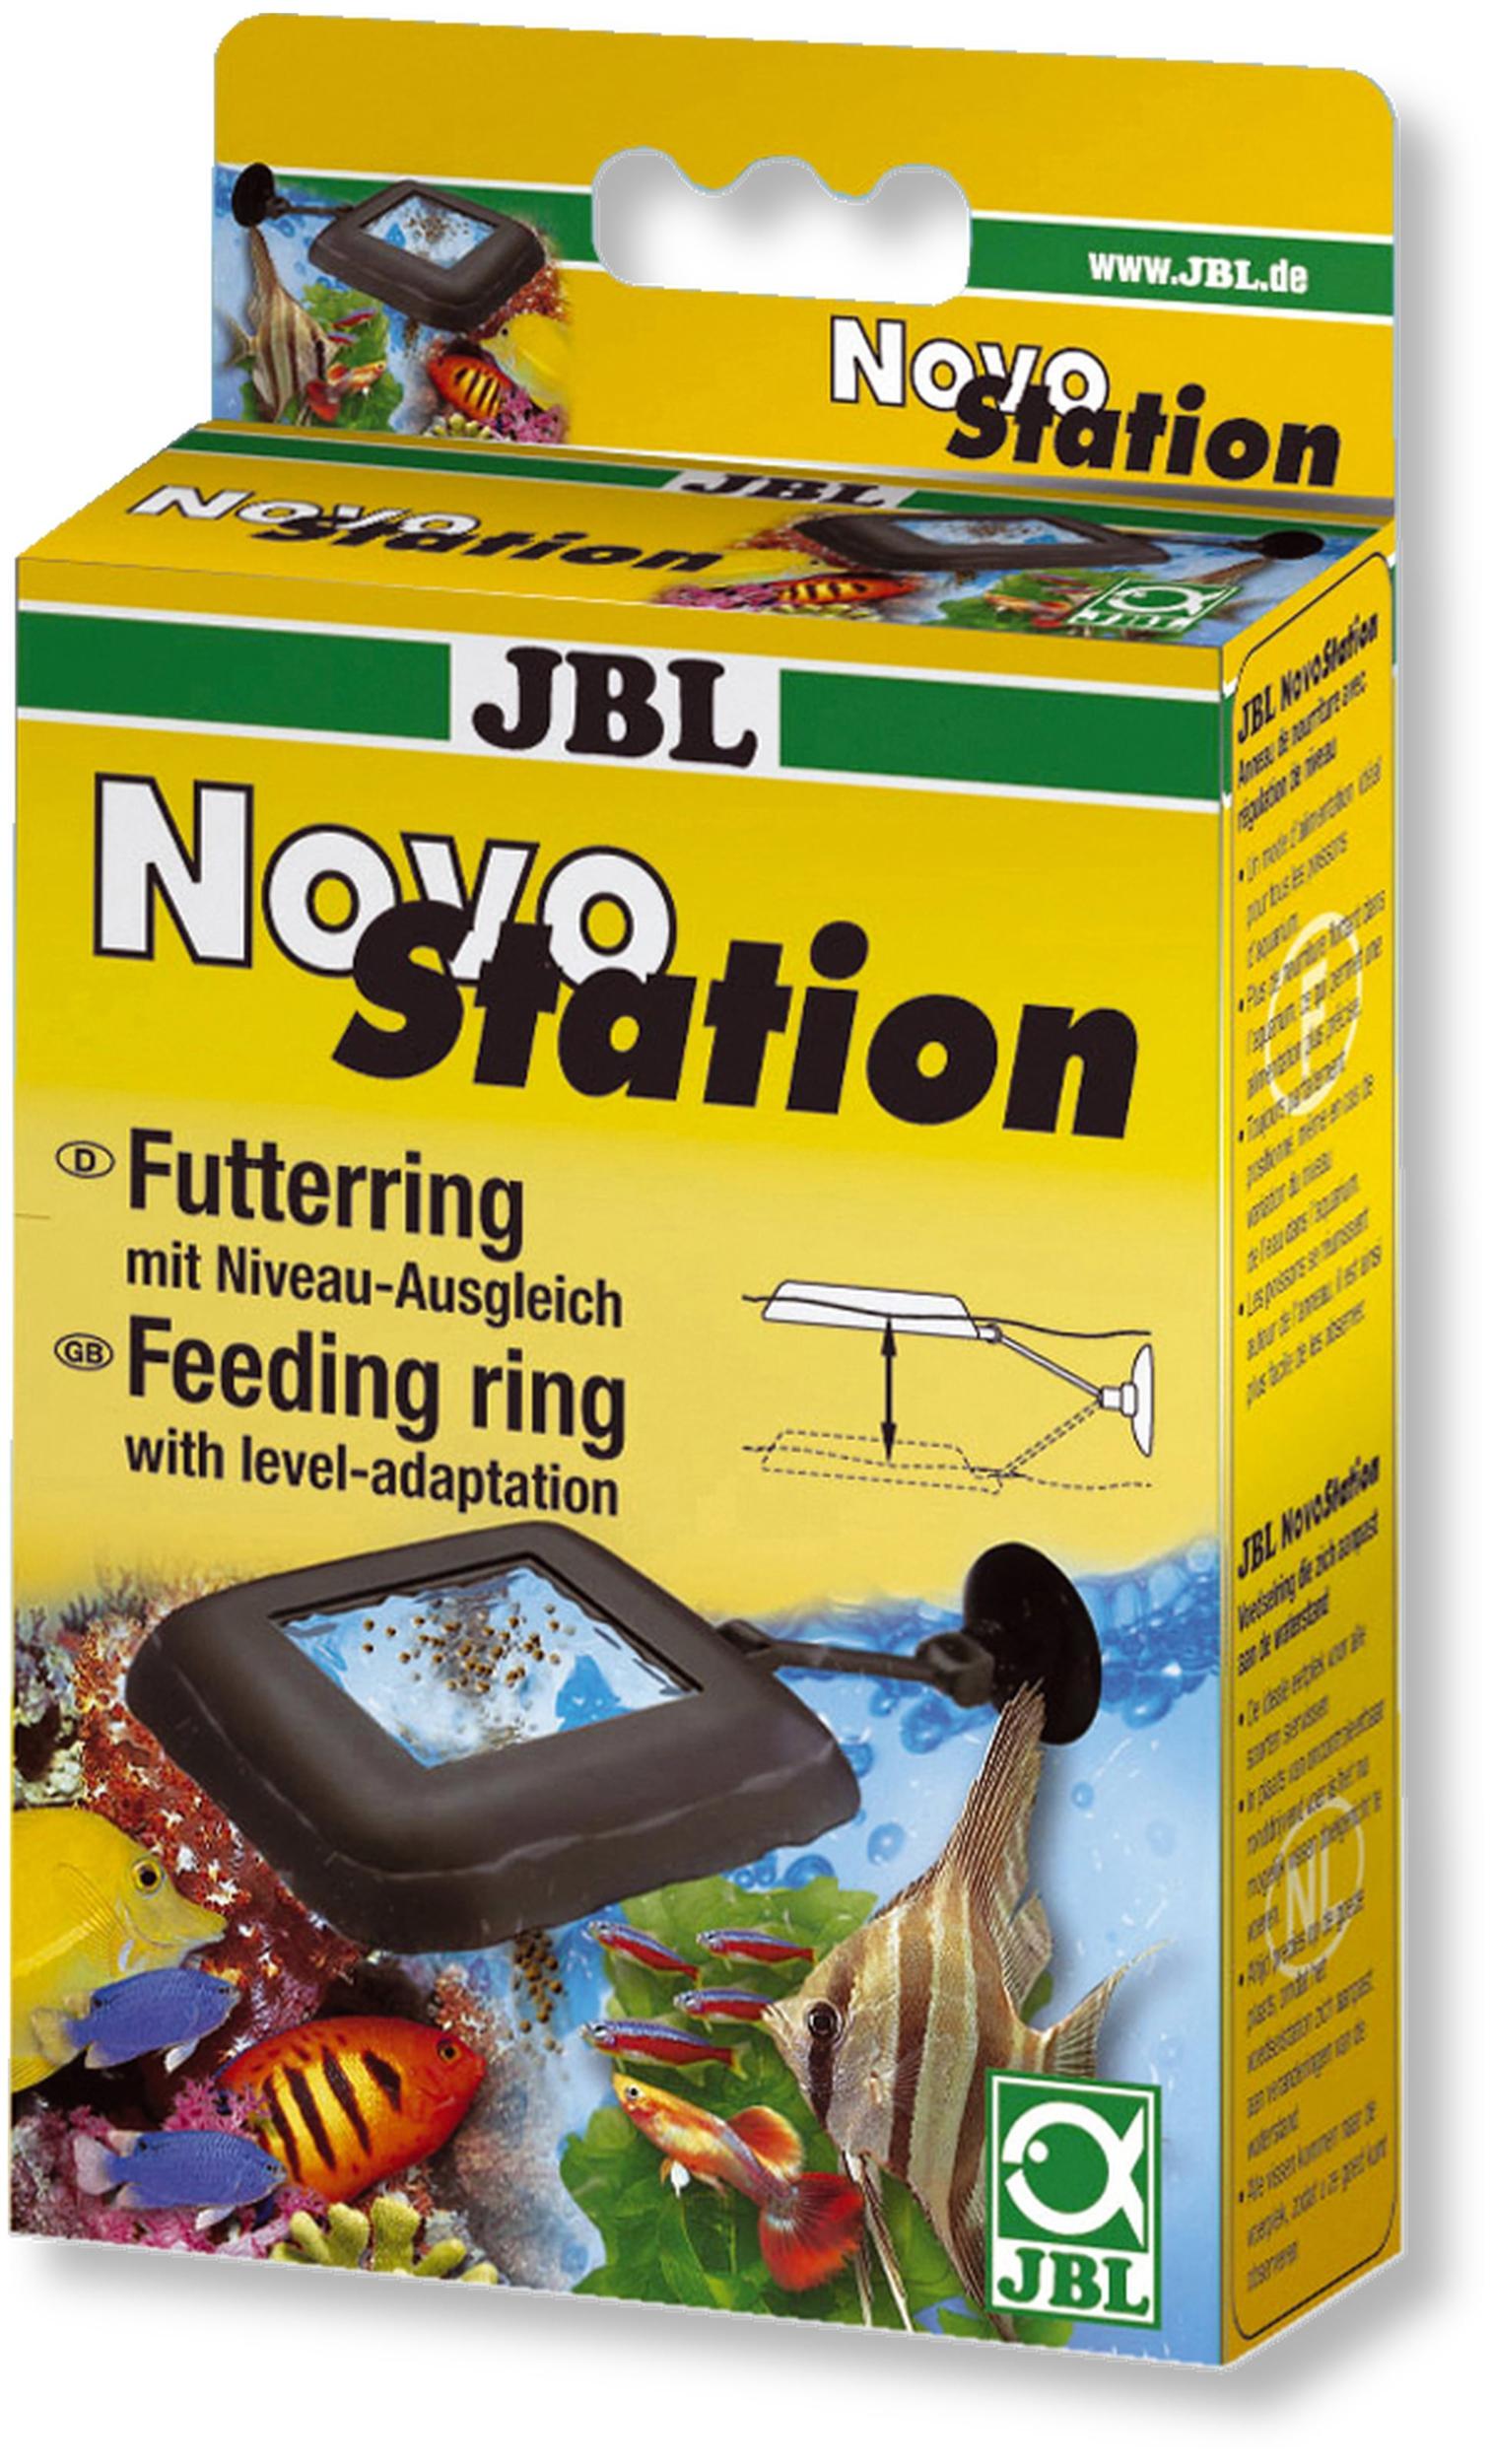 JBL NovoStation anneau de nourrissage flottant 9 x 9 cm